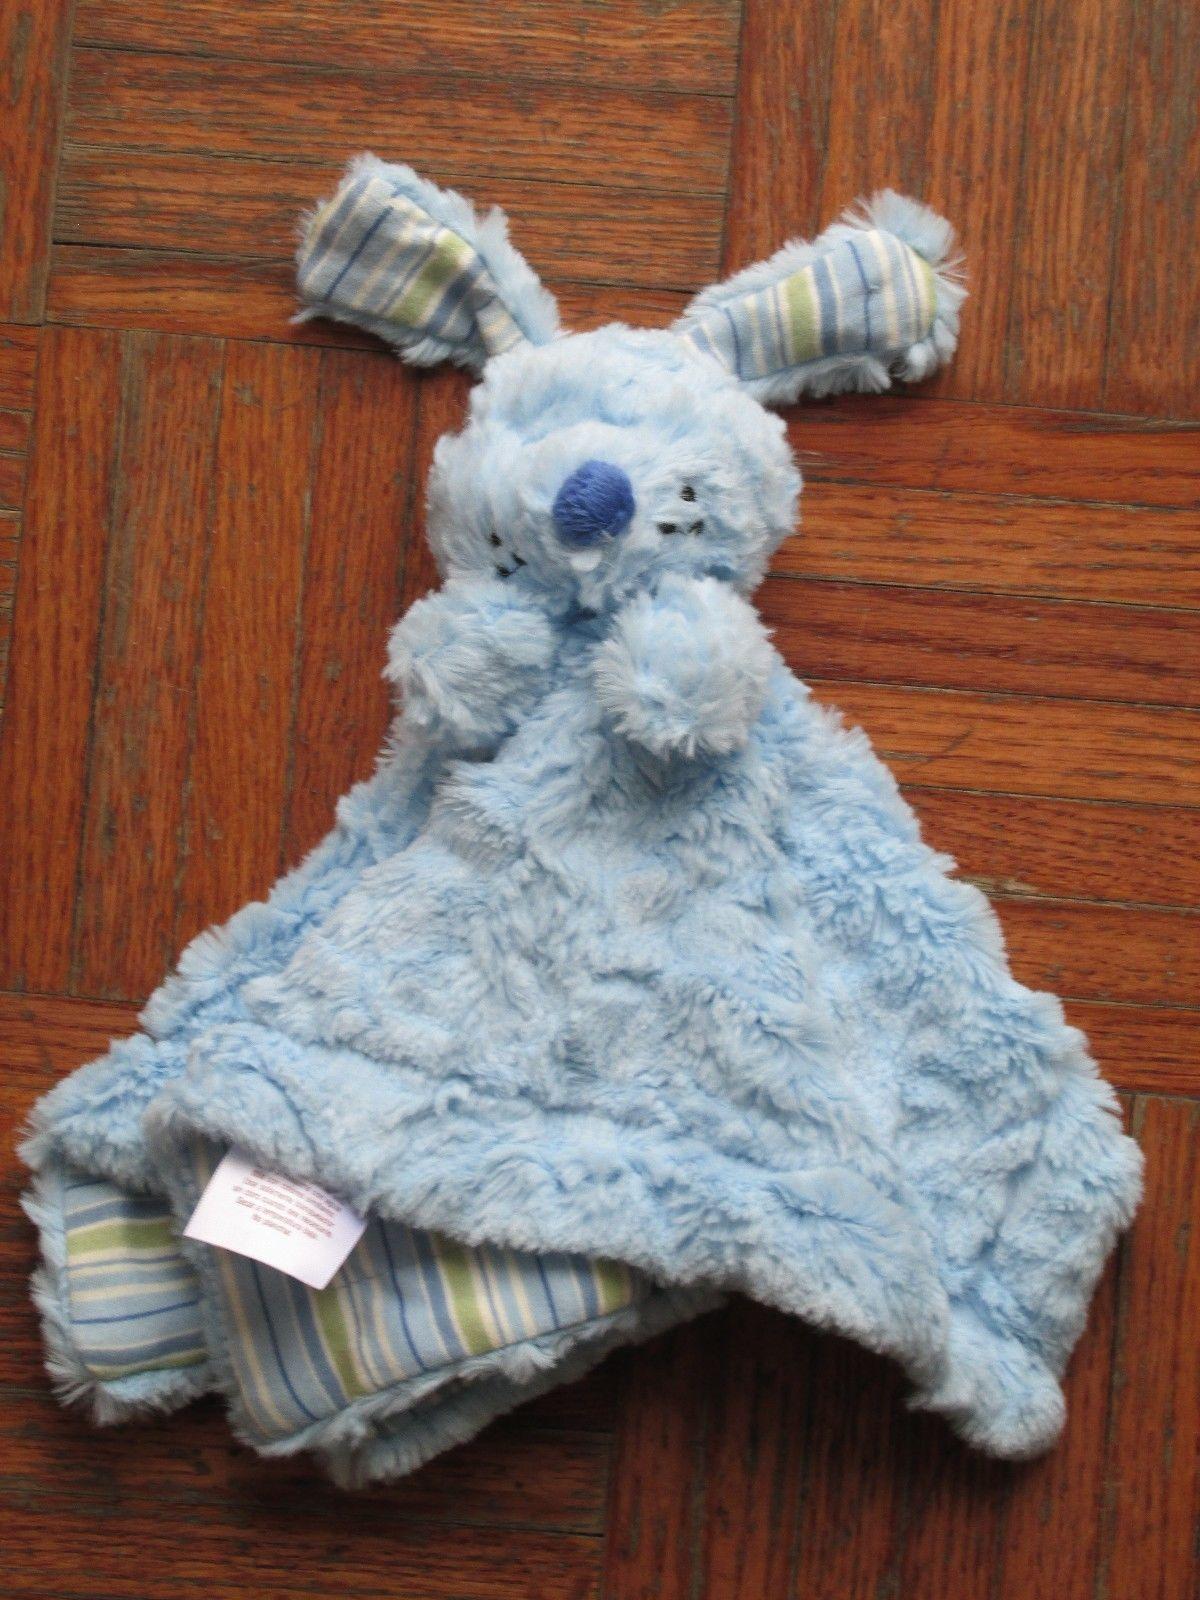 Koala Baby Security Blanket 2010s 3 Listings